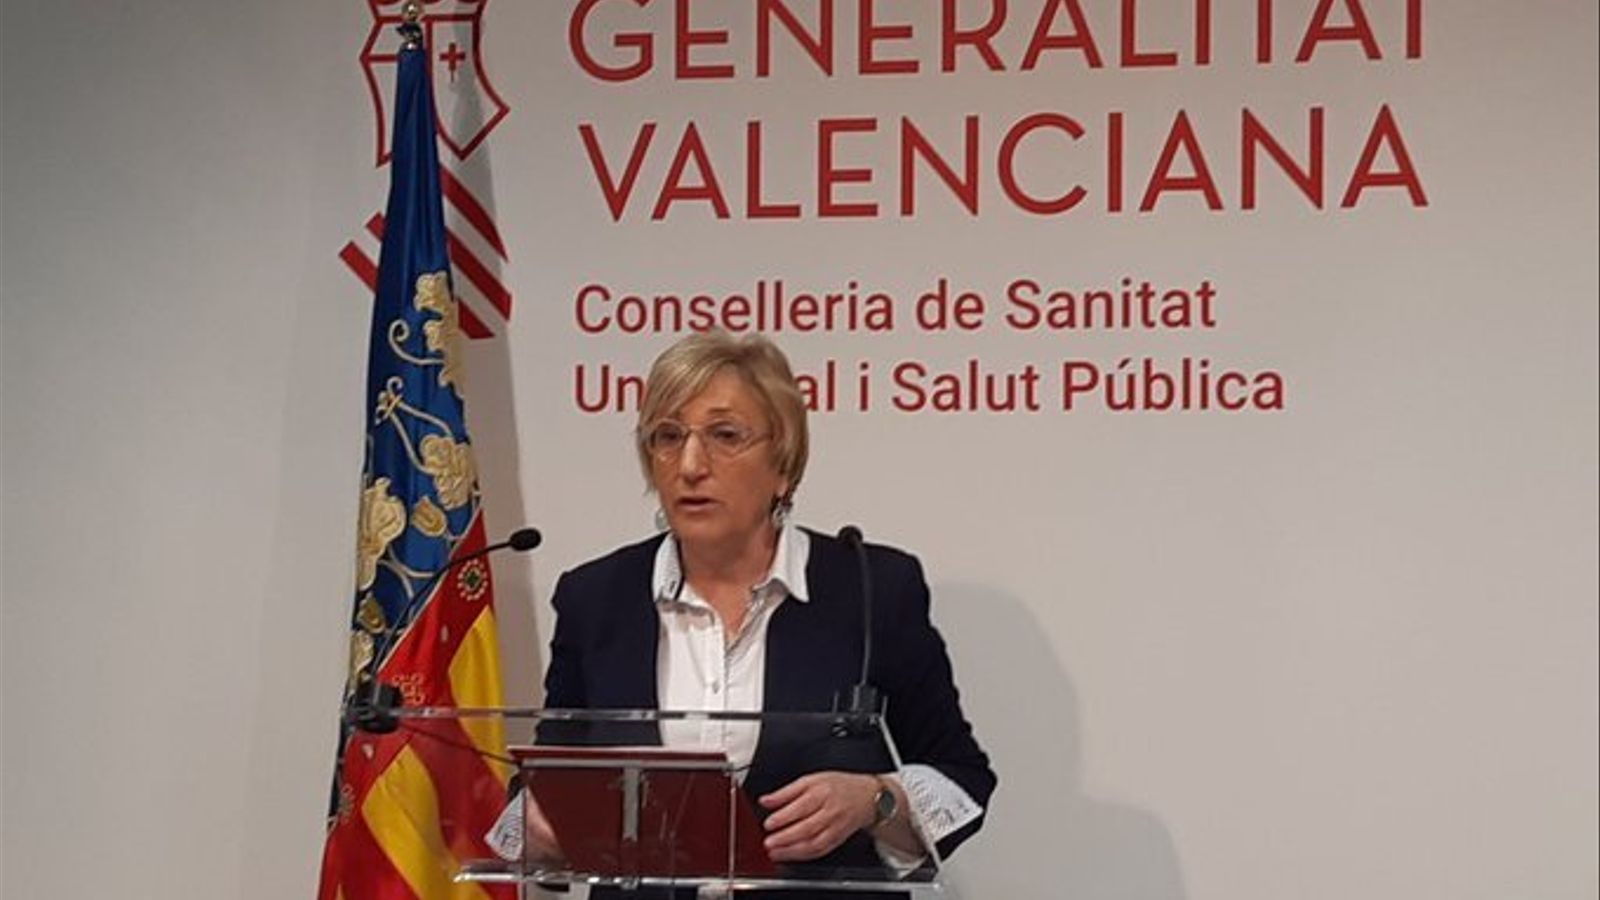 La consellera de Sanitat Universal i Salut Pública, Ana Barceló, en una imatge d'arxiu